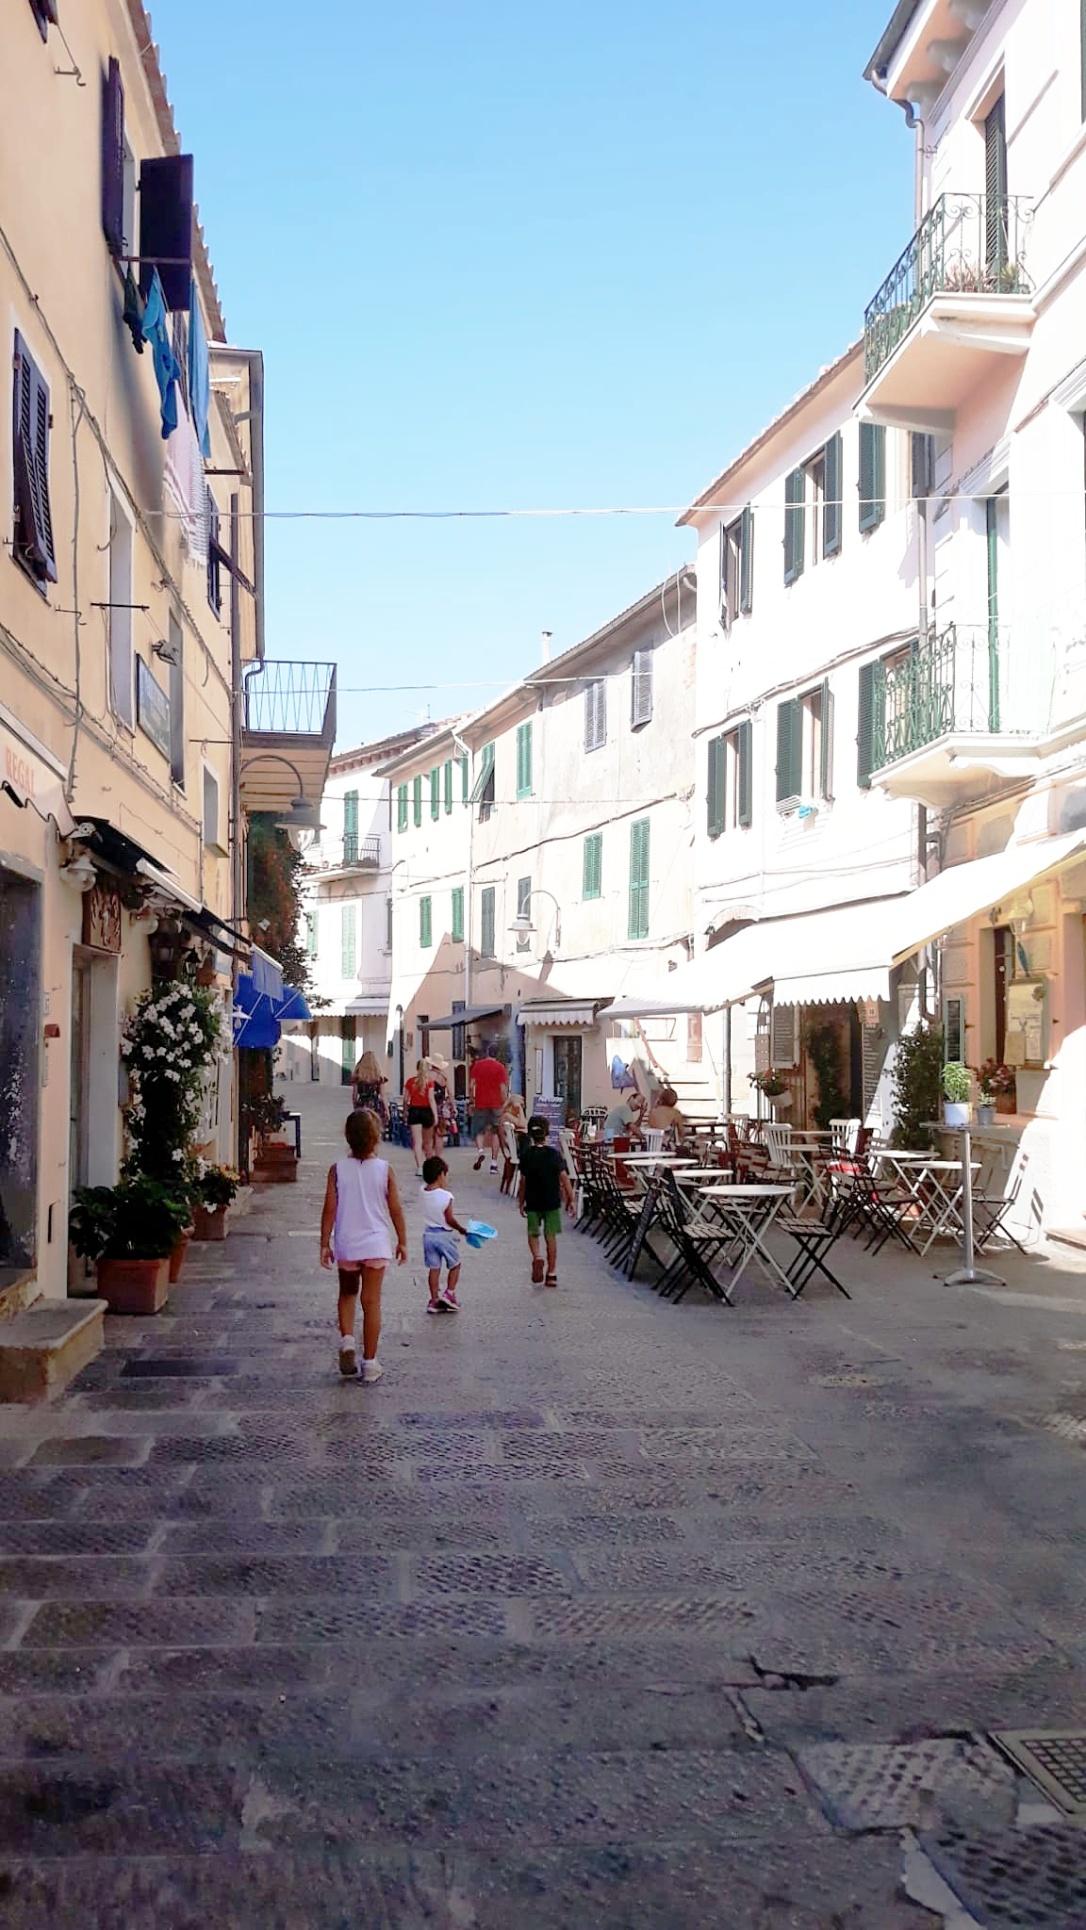 capoliveri-via del centro storico